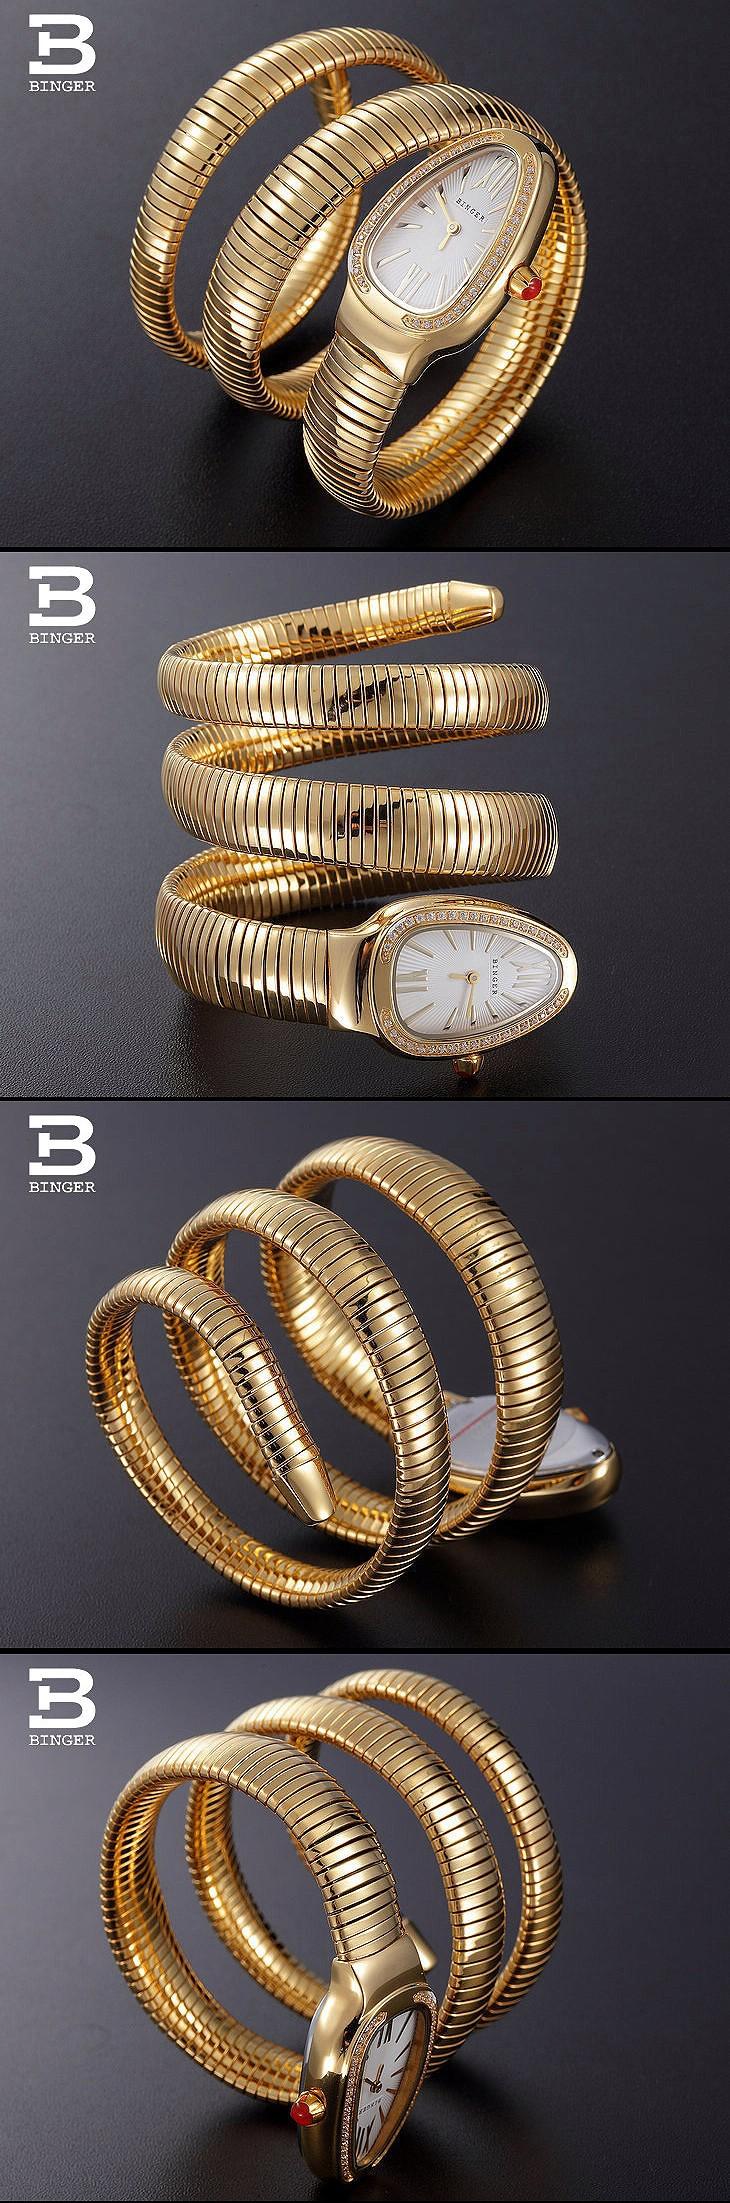 Продвижение Новые Моды женские Часы Бингер Змея Нержавеющей стали Ремешок CZ diamond dial кварцевые часы Горный Хрусталь Наручные Часы